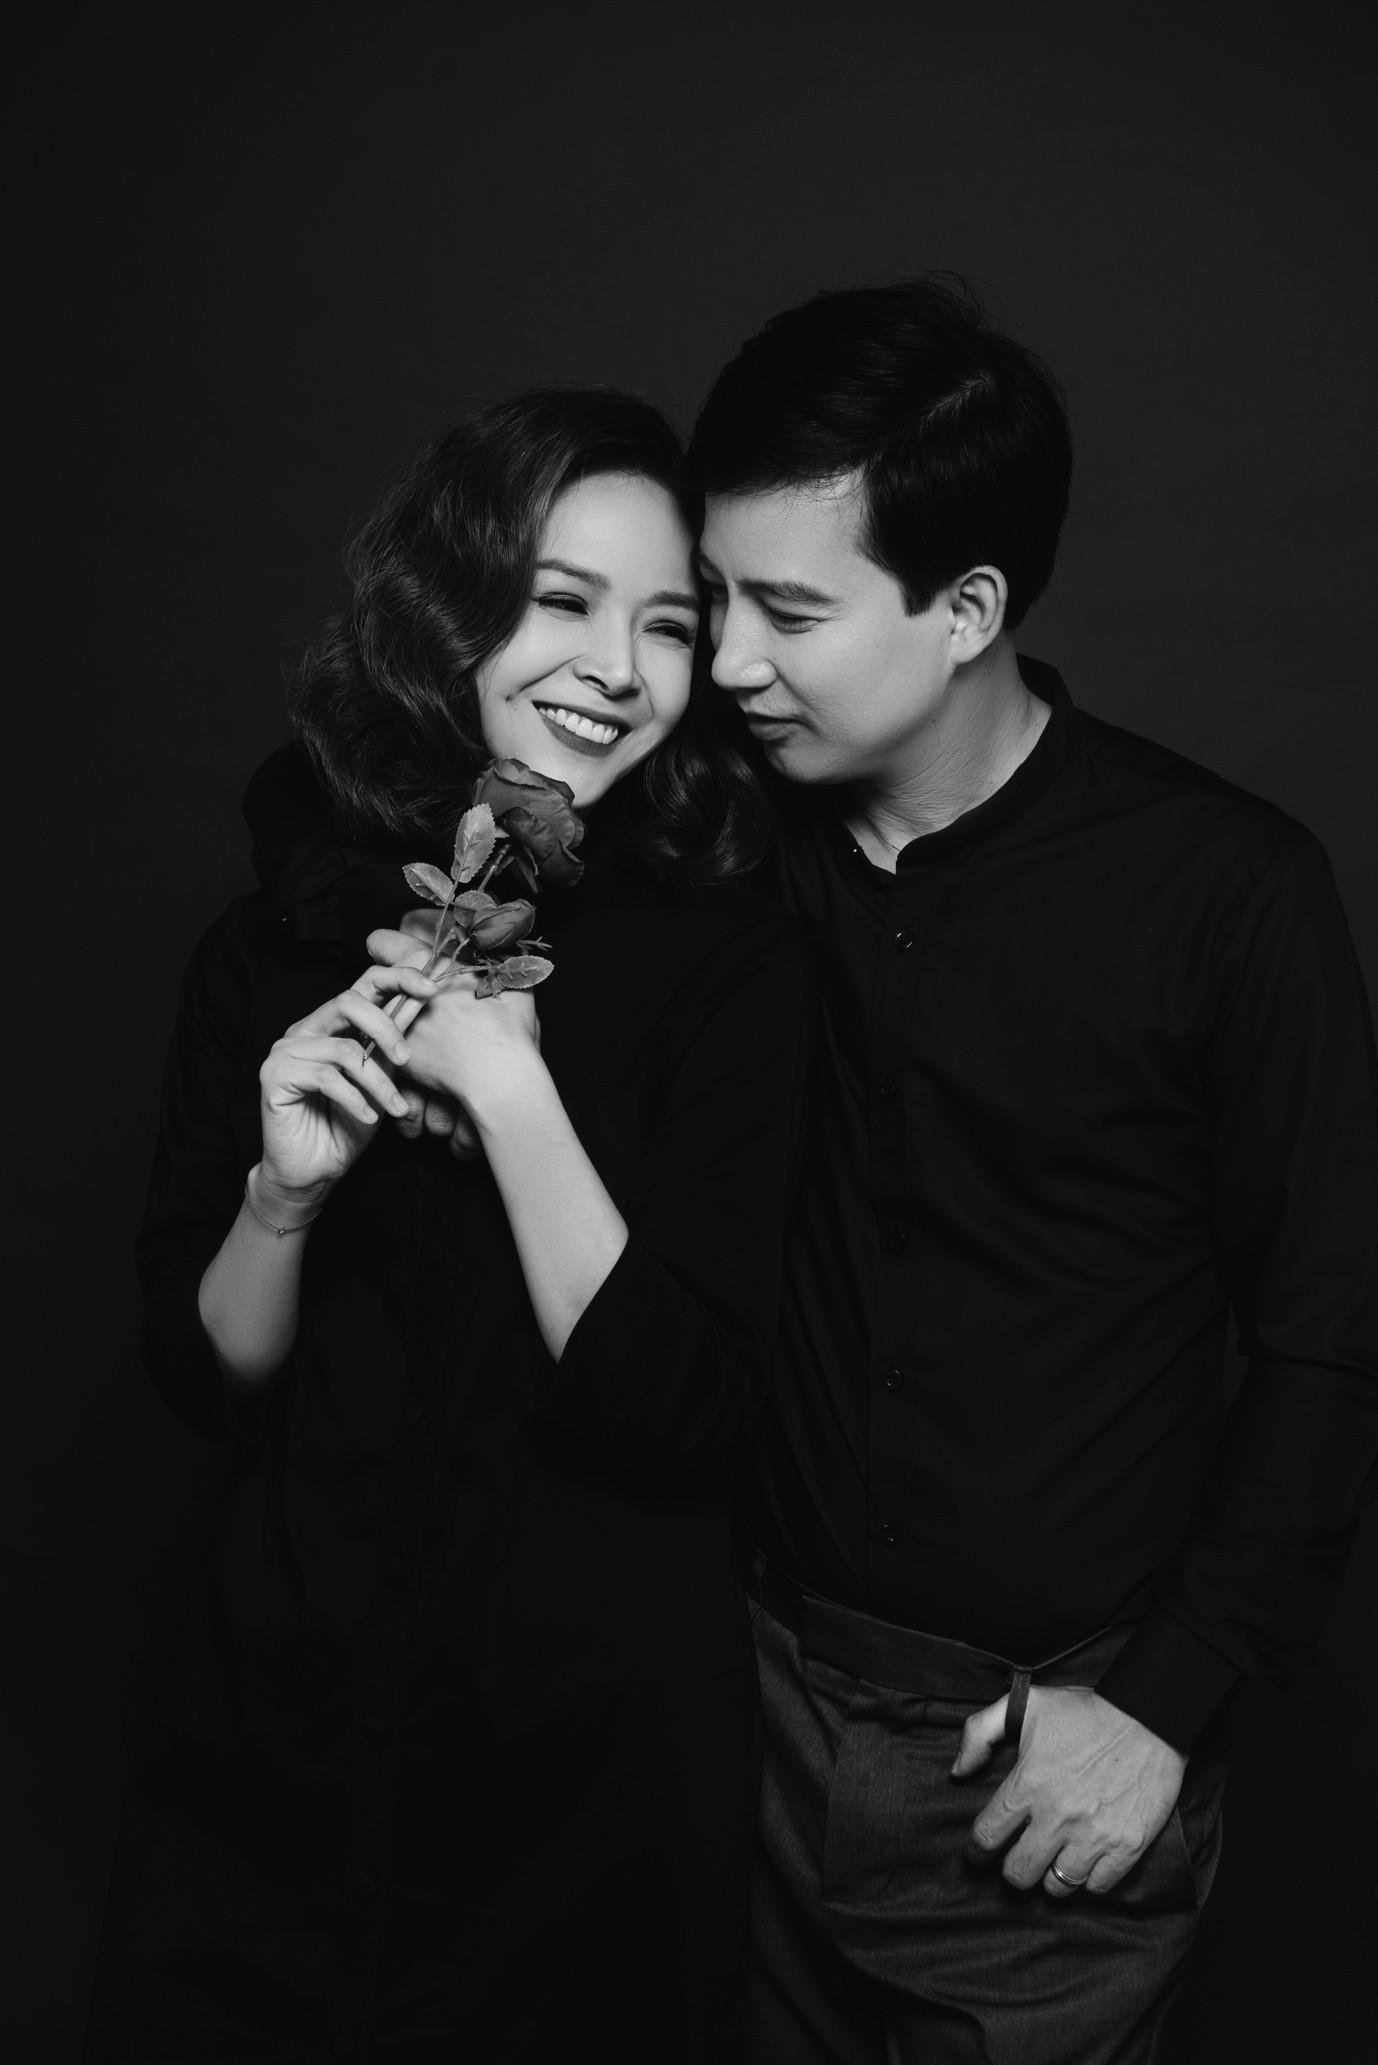 """Diễm Hương """"Những nhân viên gương mẫu"""" và chuyện tình đặc biệt với Hồng Quang - Ảnh 8."""